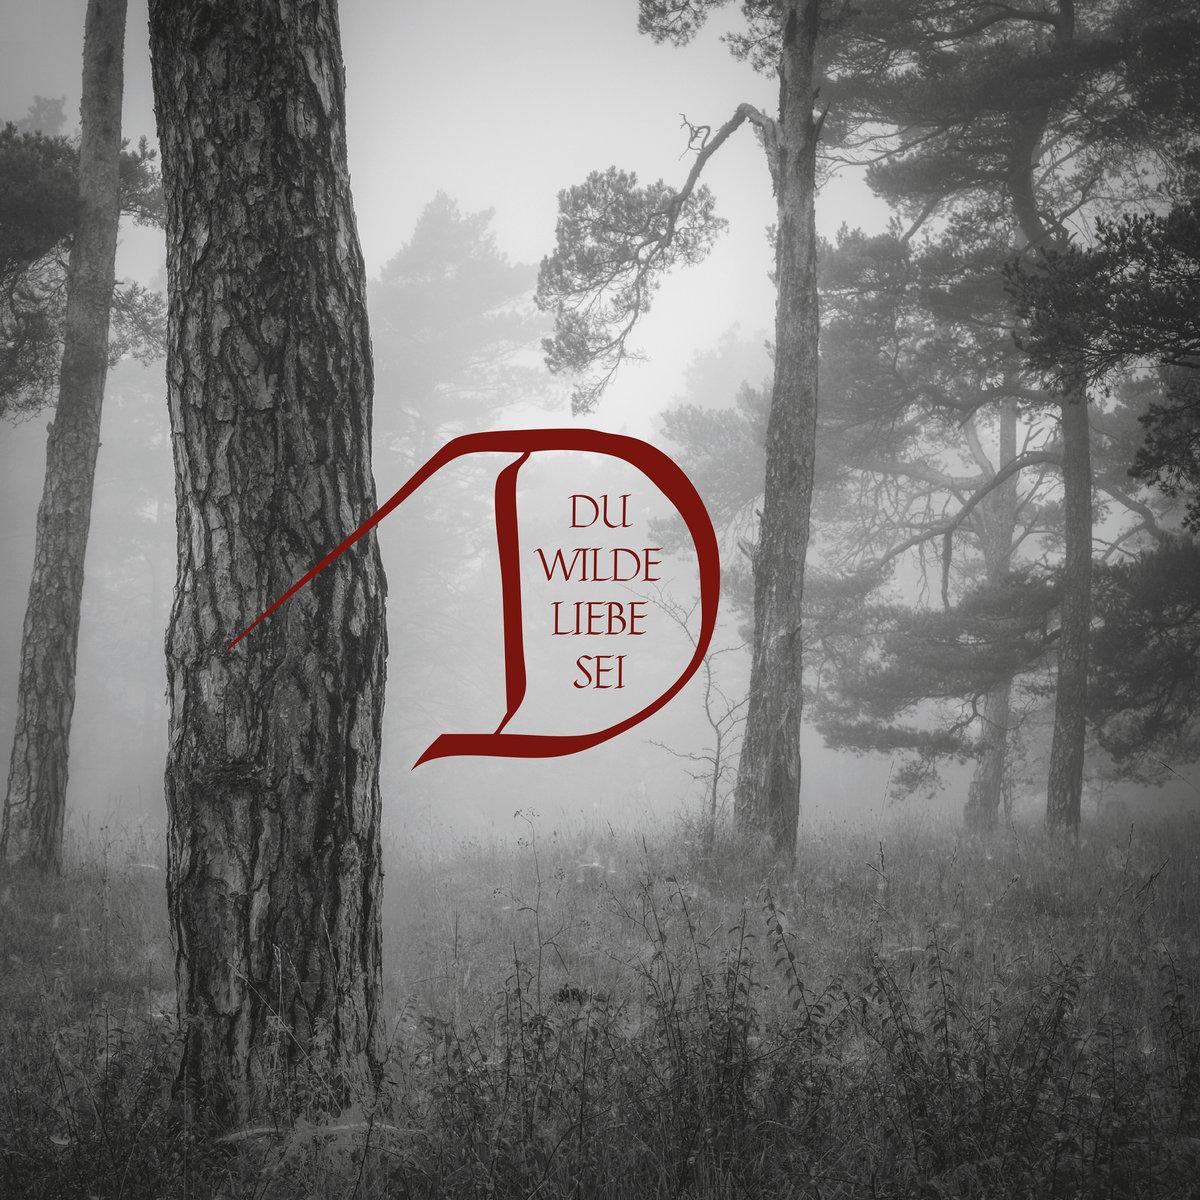 Dornenreich Du wilde Liebe sei Album Cover Artwork